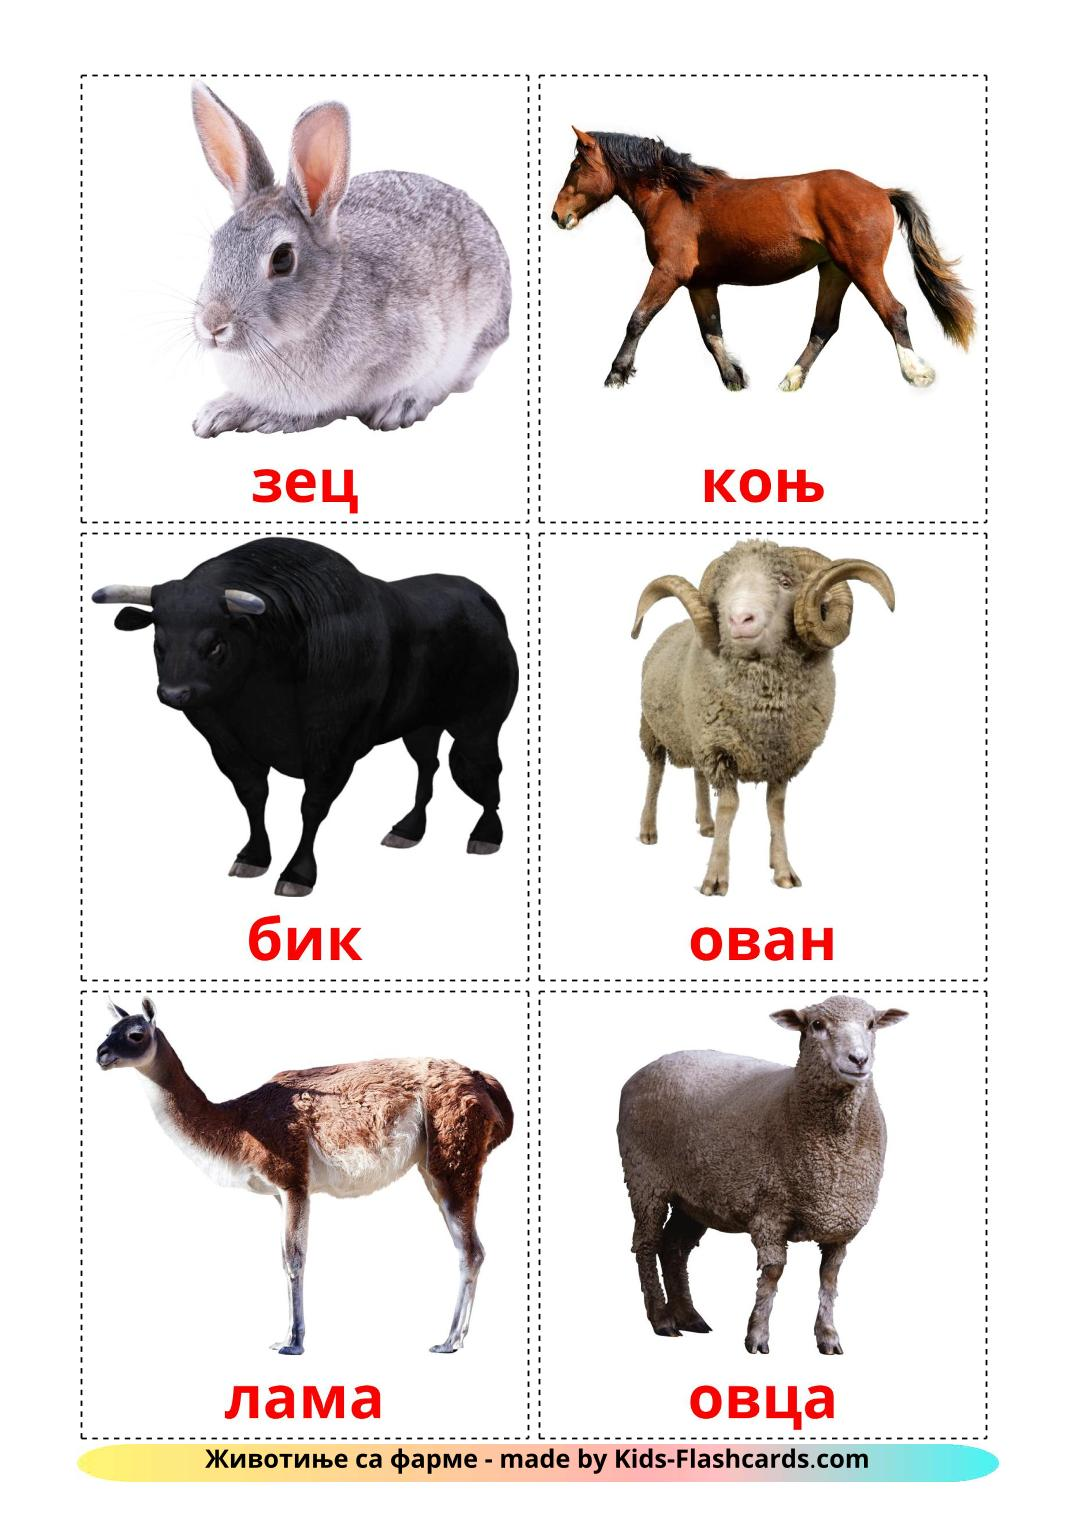 Farm animals - 15 Free Printable serbian(cyrillic) Flashcards